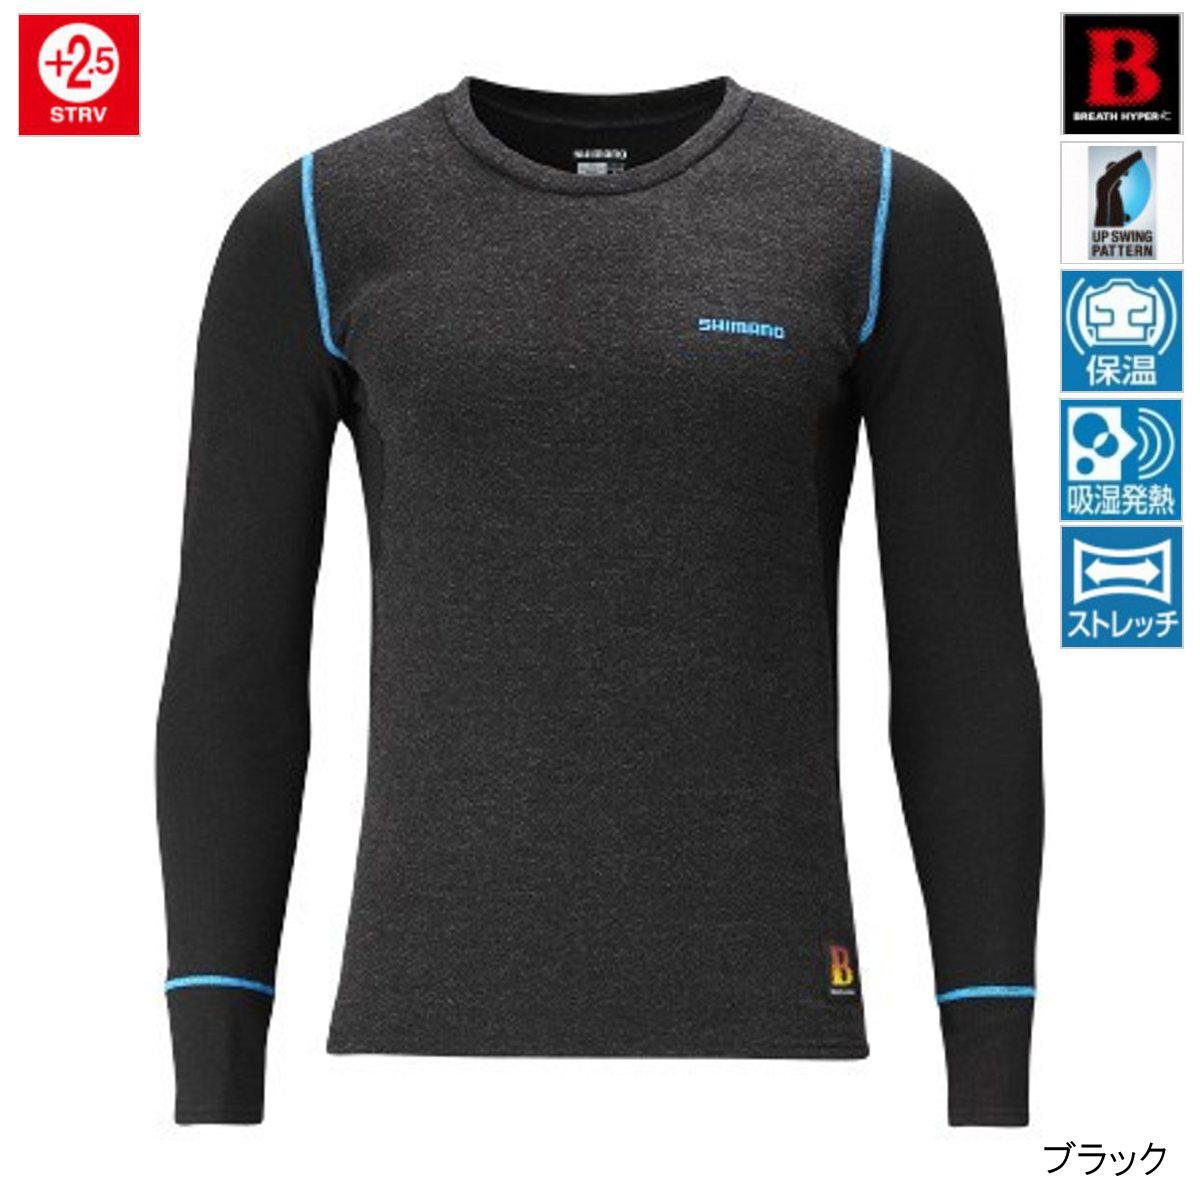 シマノ ブレスハイパー+℃ ハイブリッドアンダーシャツ IN-050S 2XL ブラック(東日本店)